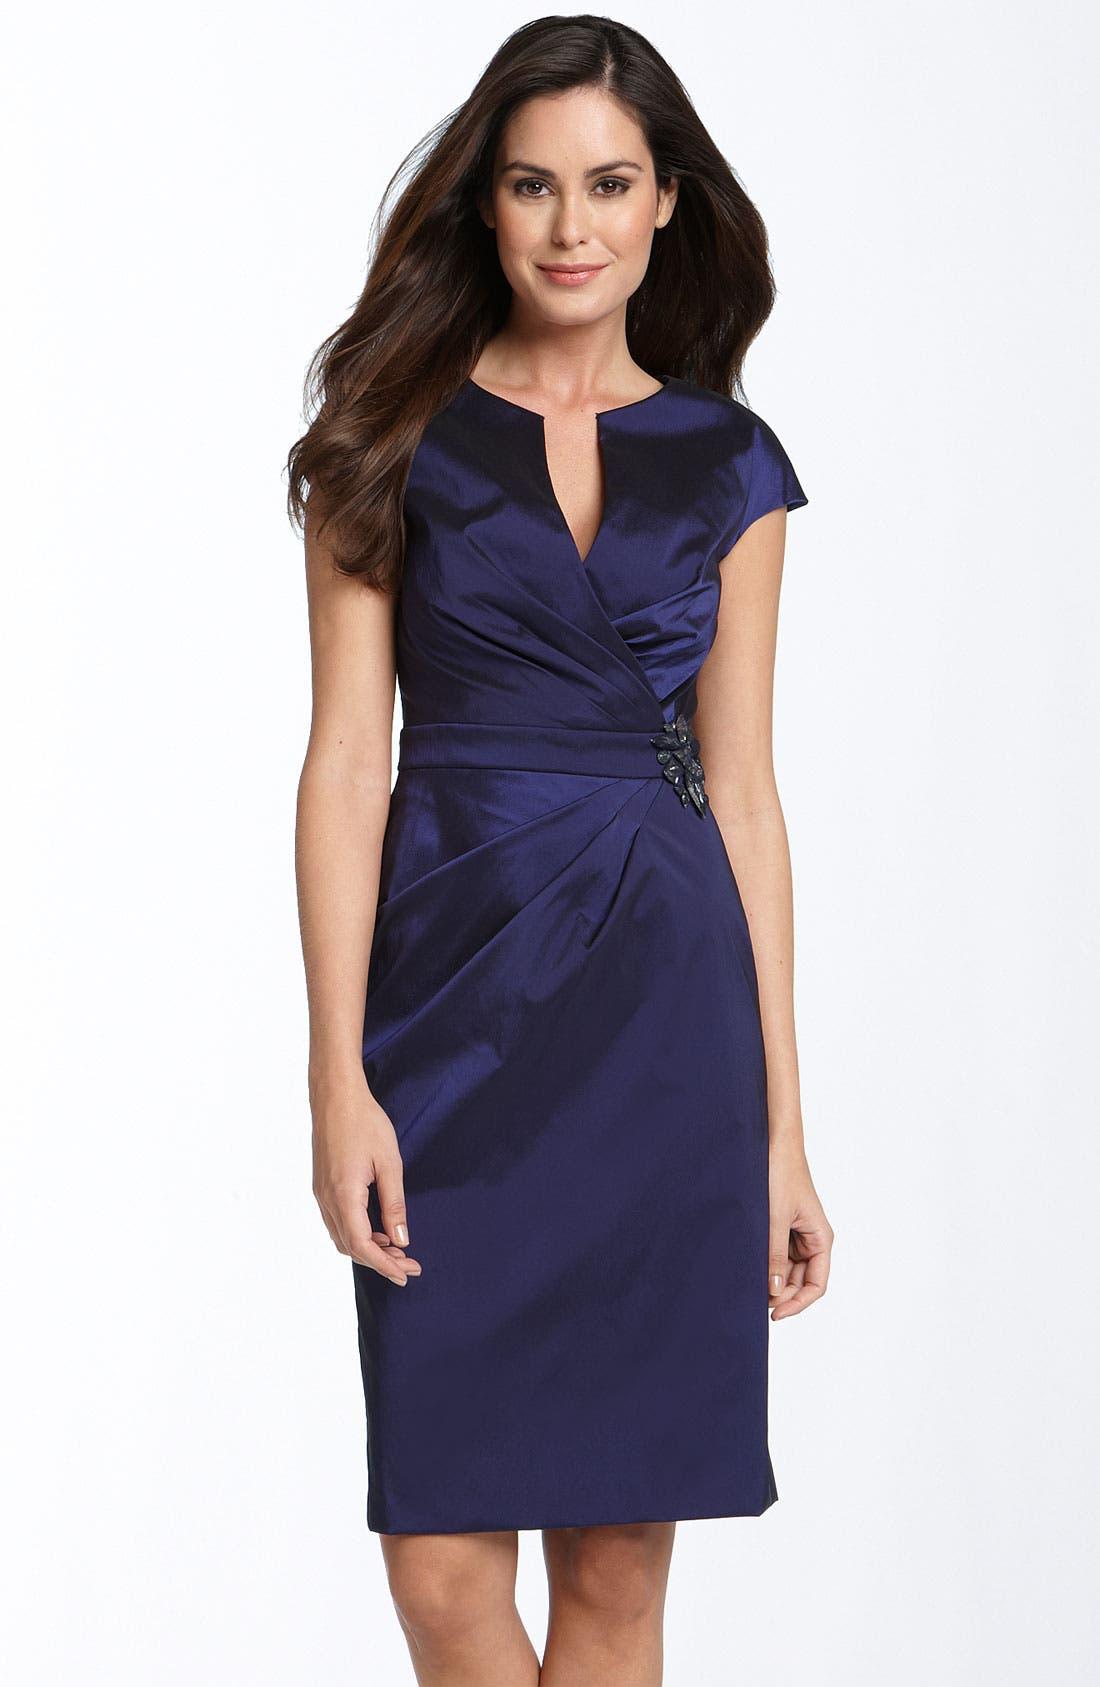 ELIZA J Rhinestone Brooch Stretch Taffeta Sheath Dress, Main, color, 402